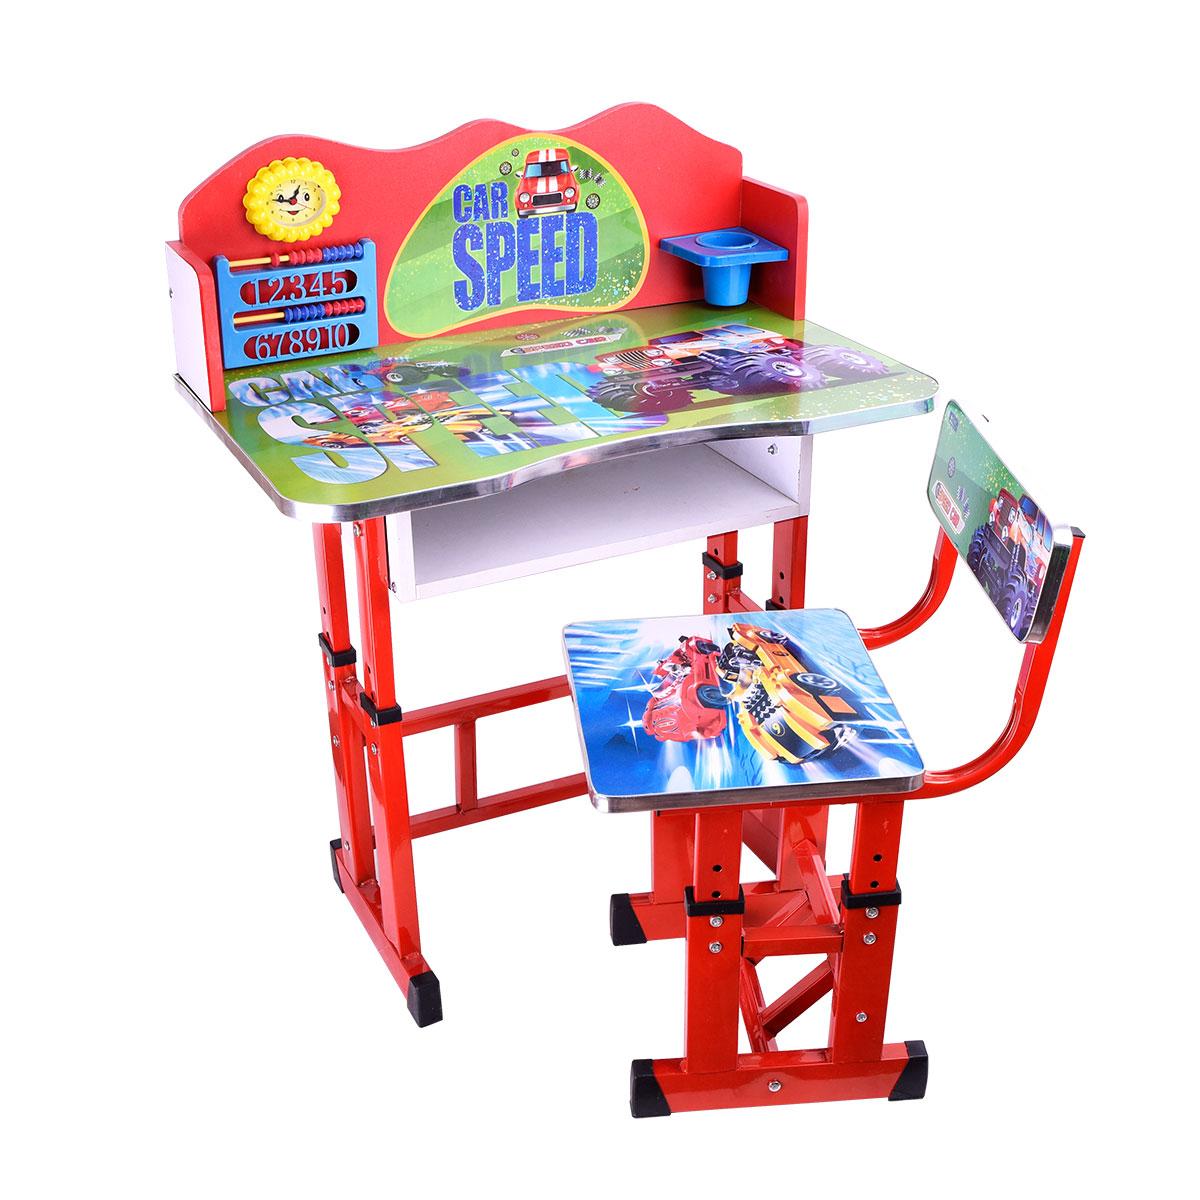 طاولة اطفال مدرسية خشب + كرسي , رقم 4042-033